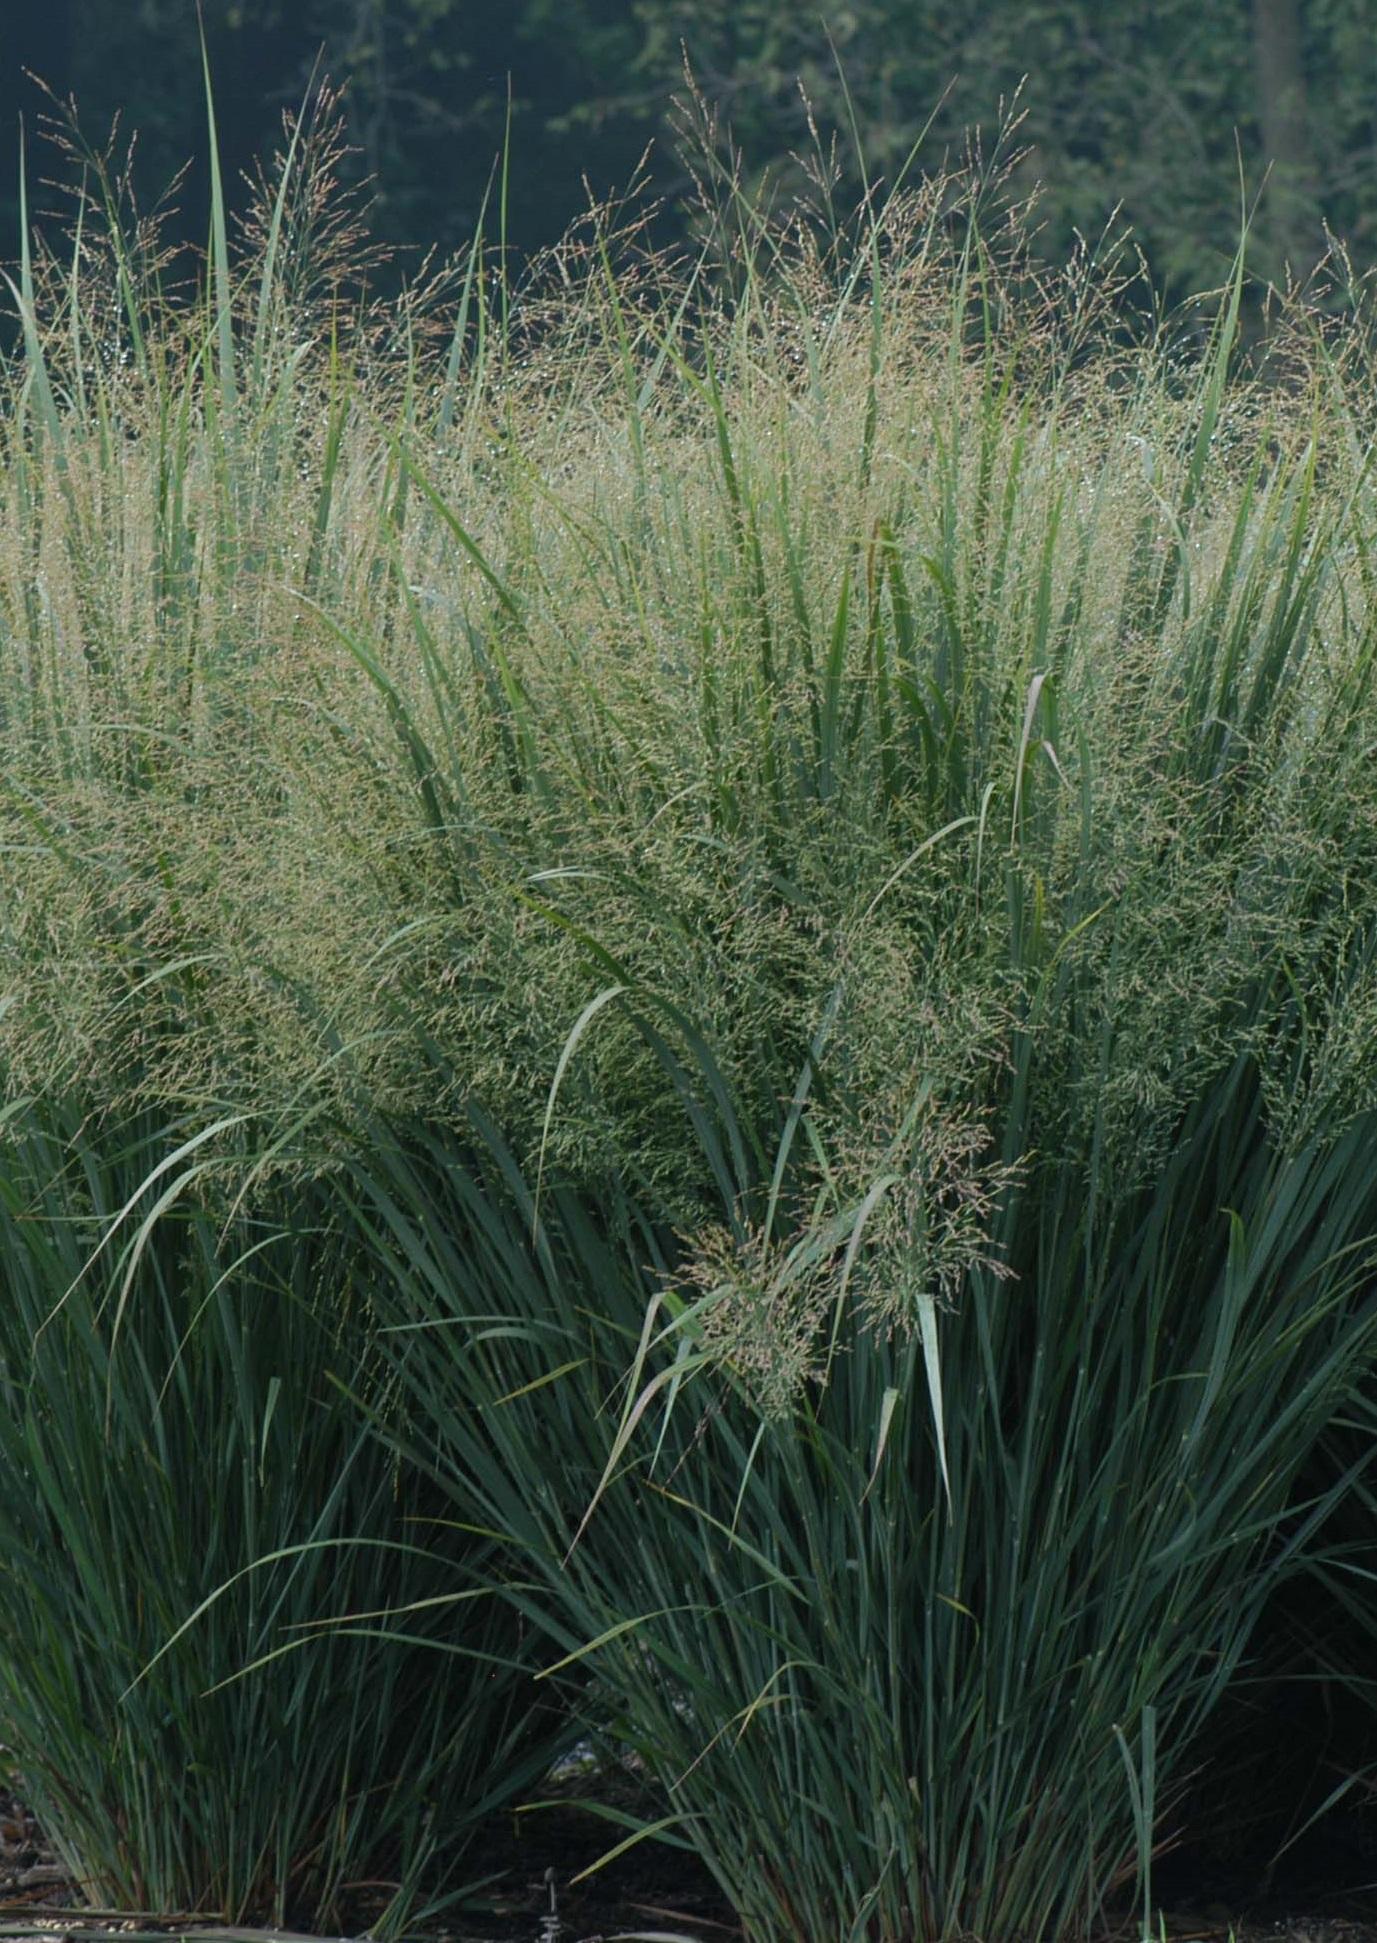 Ученые определили, что болезни пшеницы могут поражать и многолетние травы